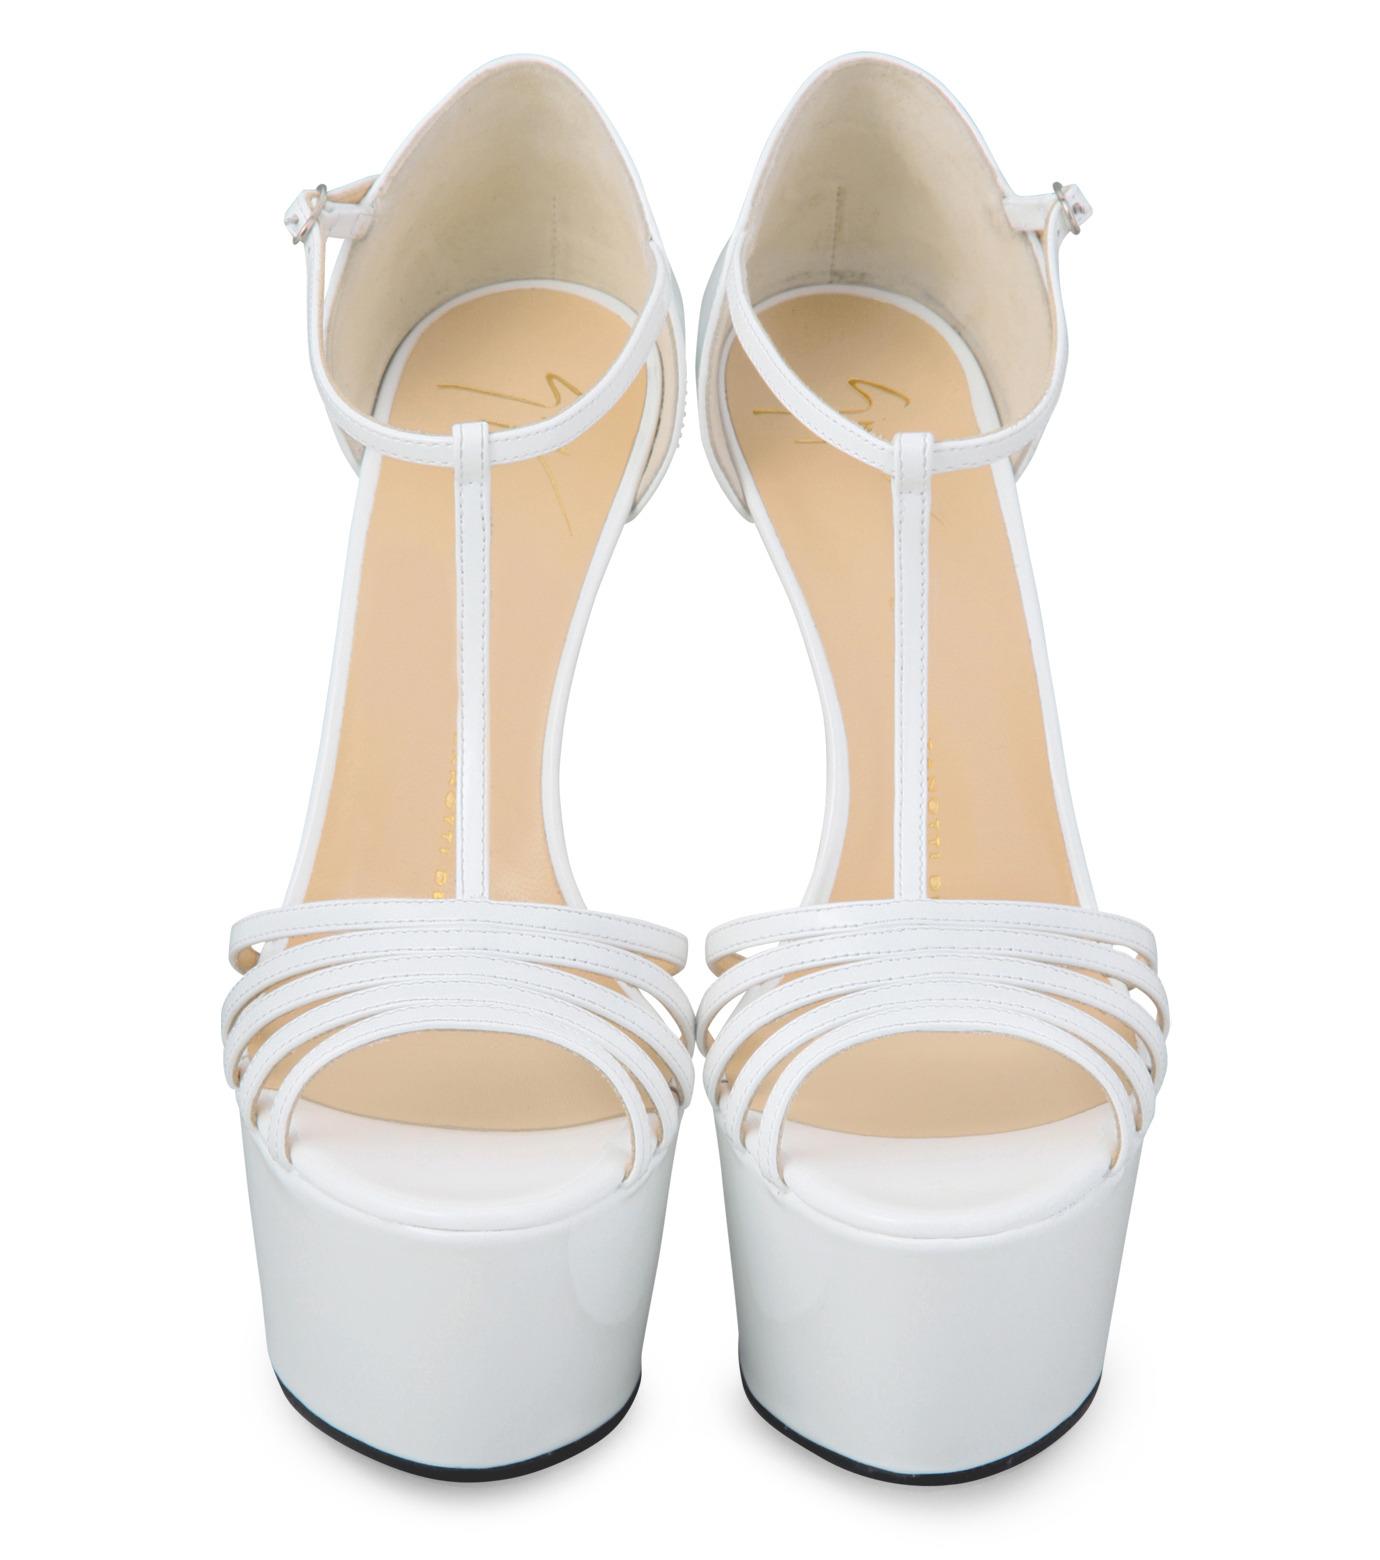 Giuseppe Zanotti Design(ジュゼッペザノッティ)のPlatform Sandal-WHITE-E30243-4 拡大詳細画像4